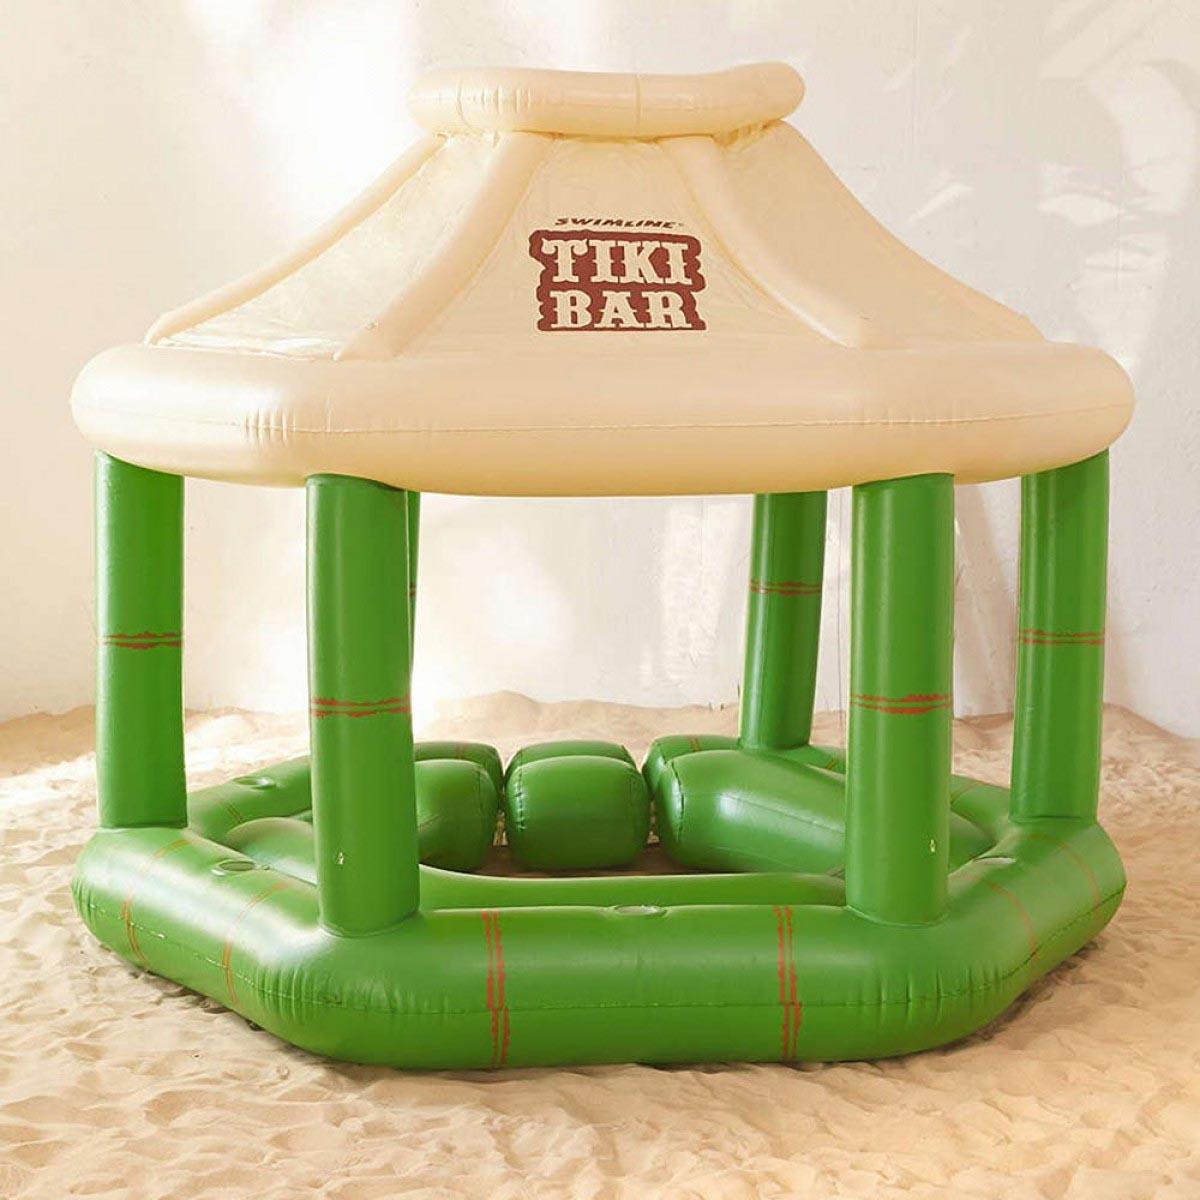 Floating Tiki Bar for Pool